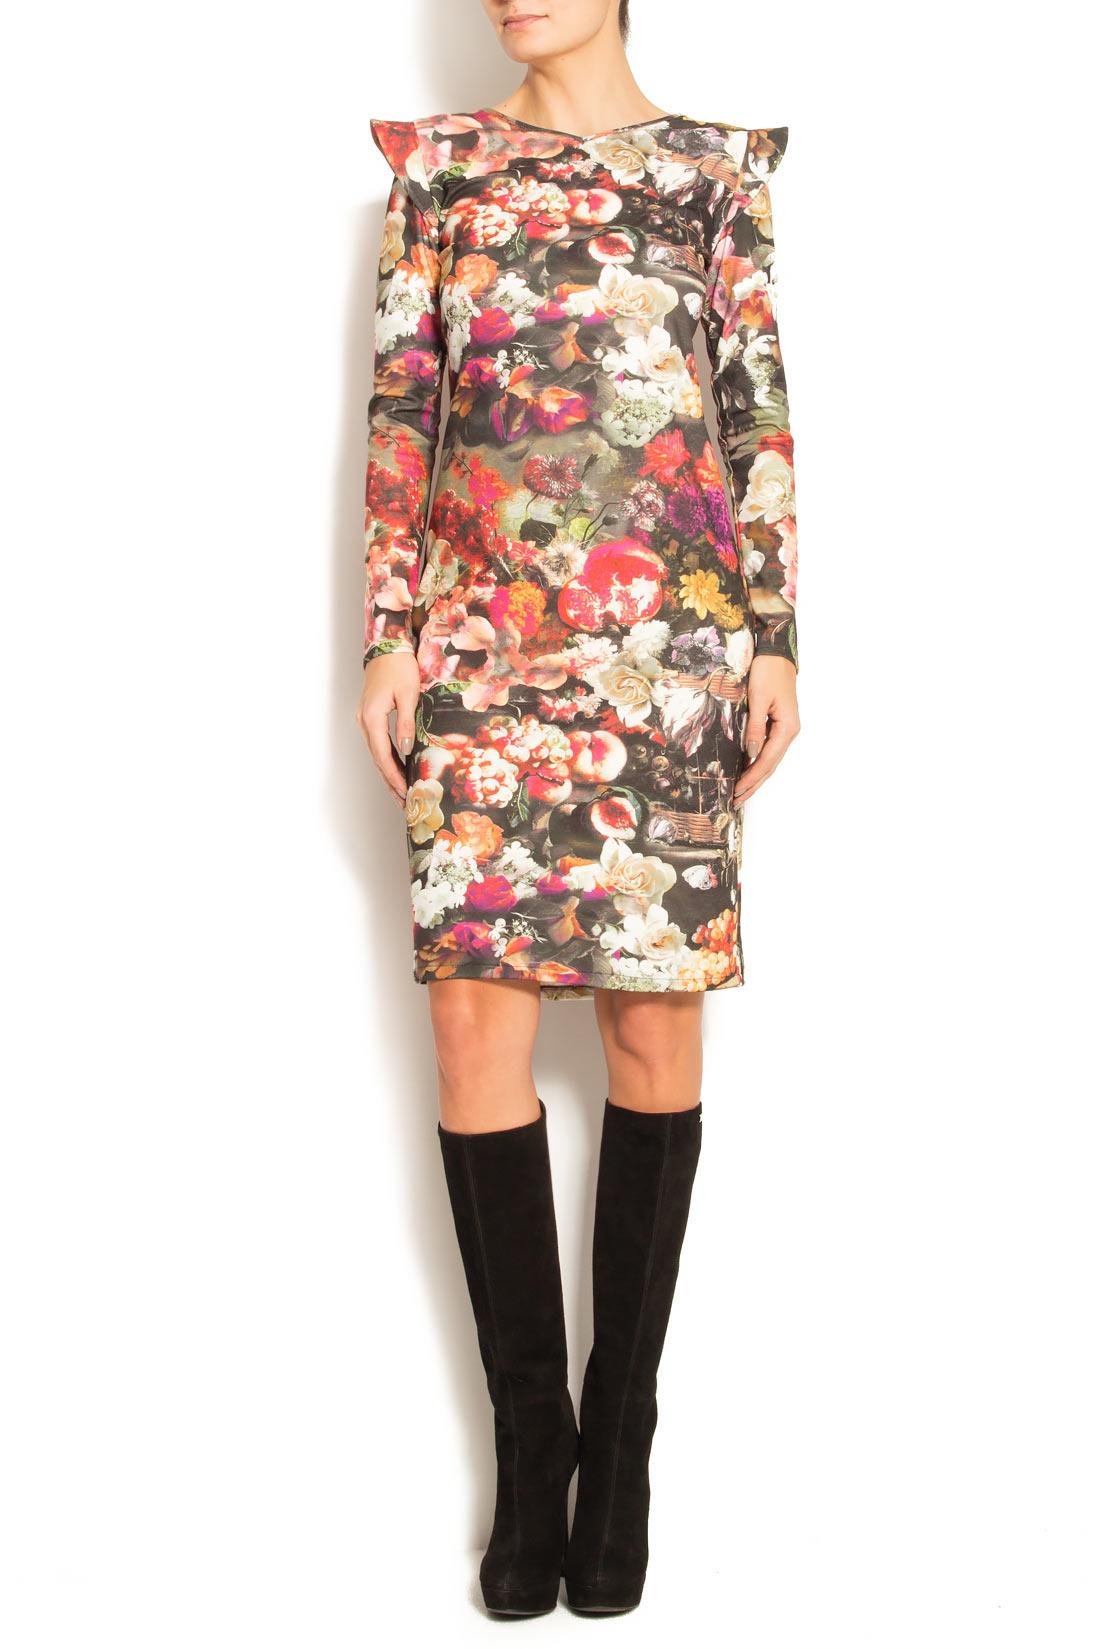 Rochie din neopren cu imprimeu floral Arina Varga imagine 0